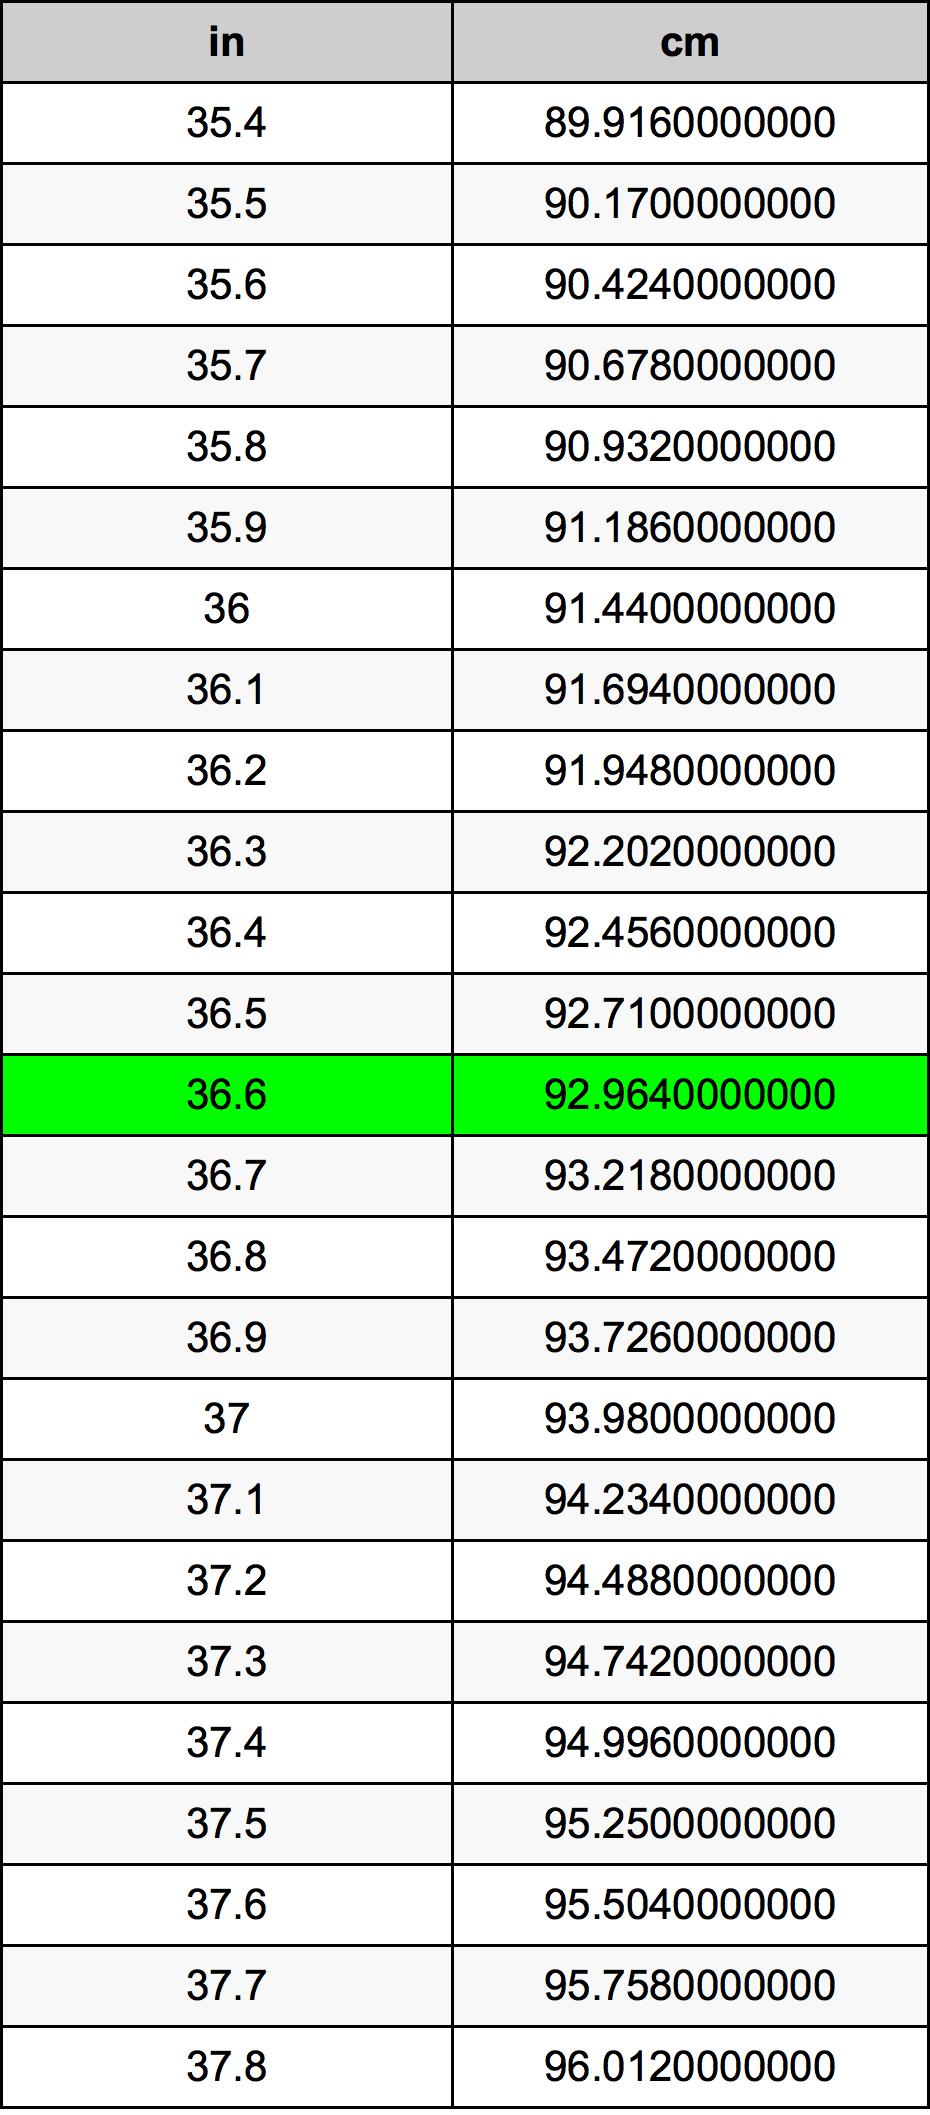 36.6インチをセンチメートル単位変換 | 36.6inをcm単位変換